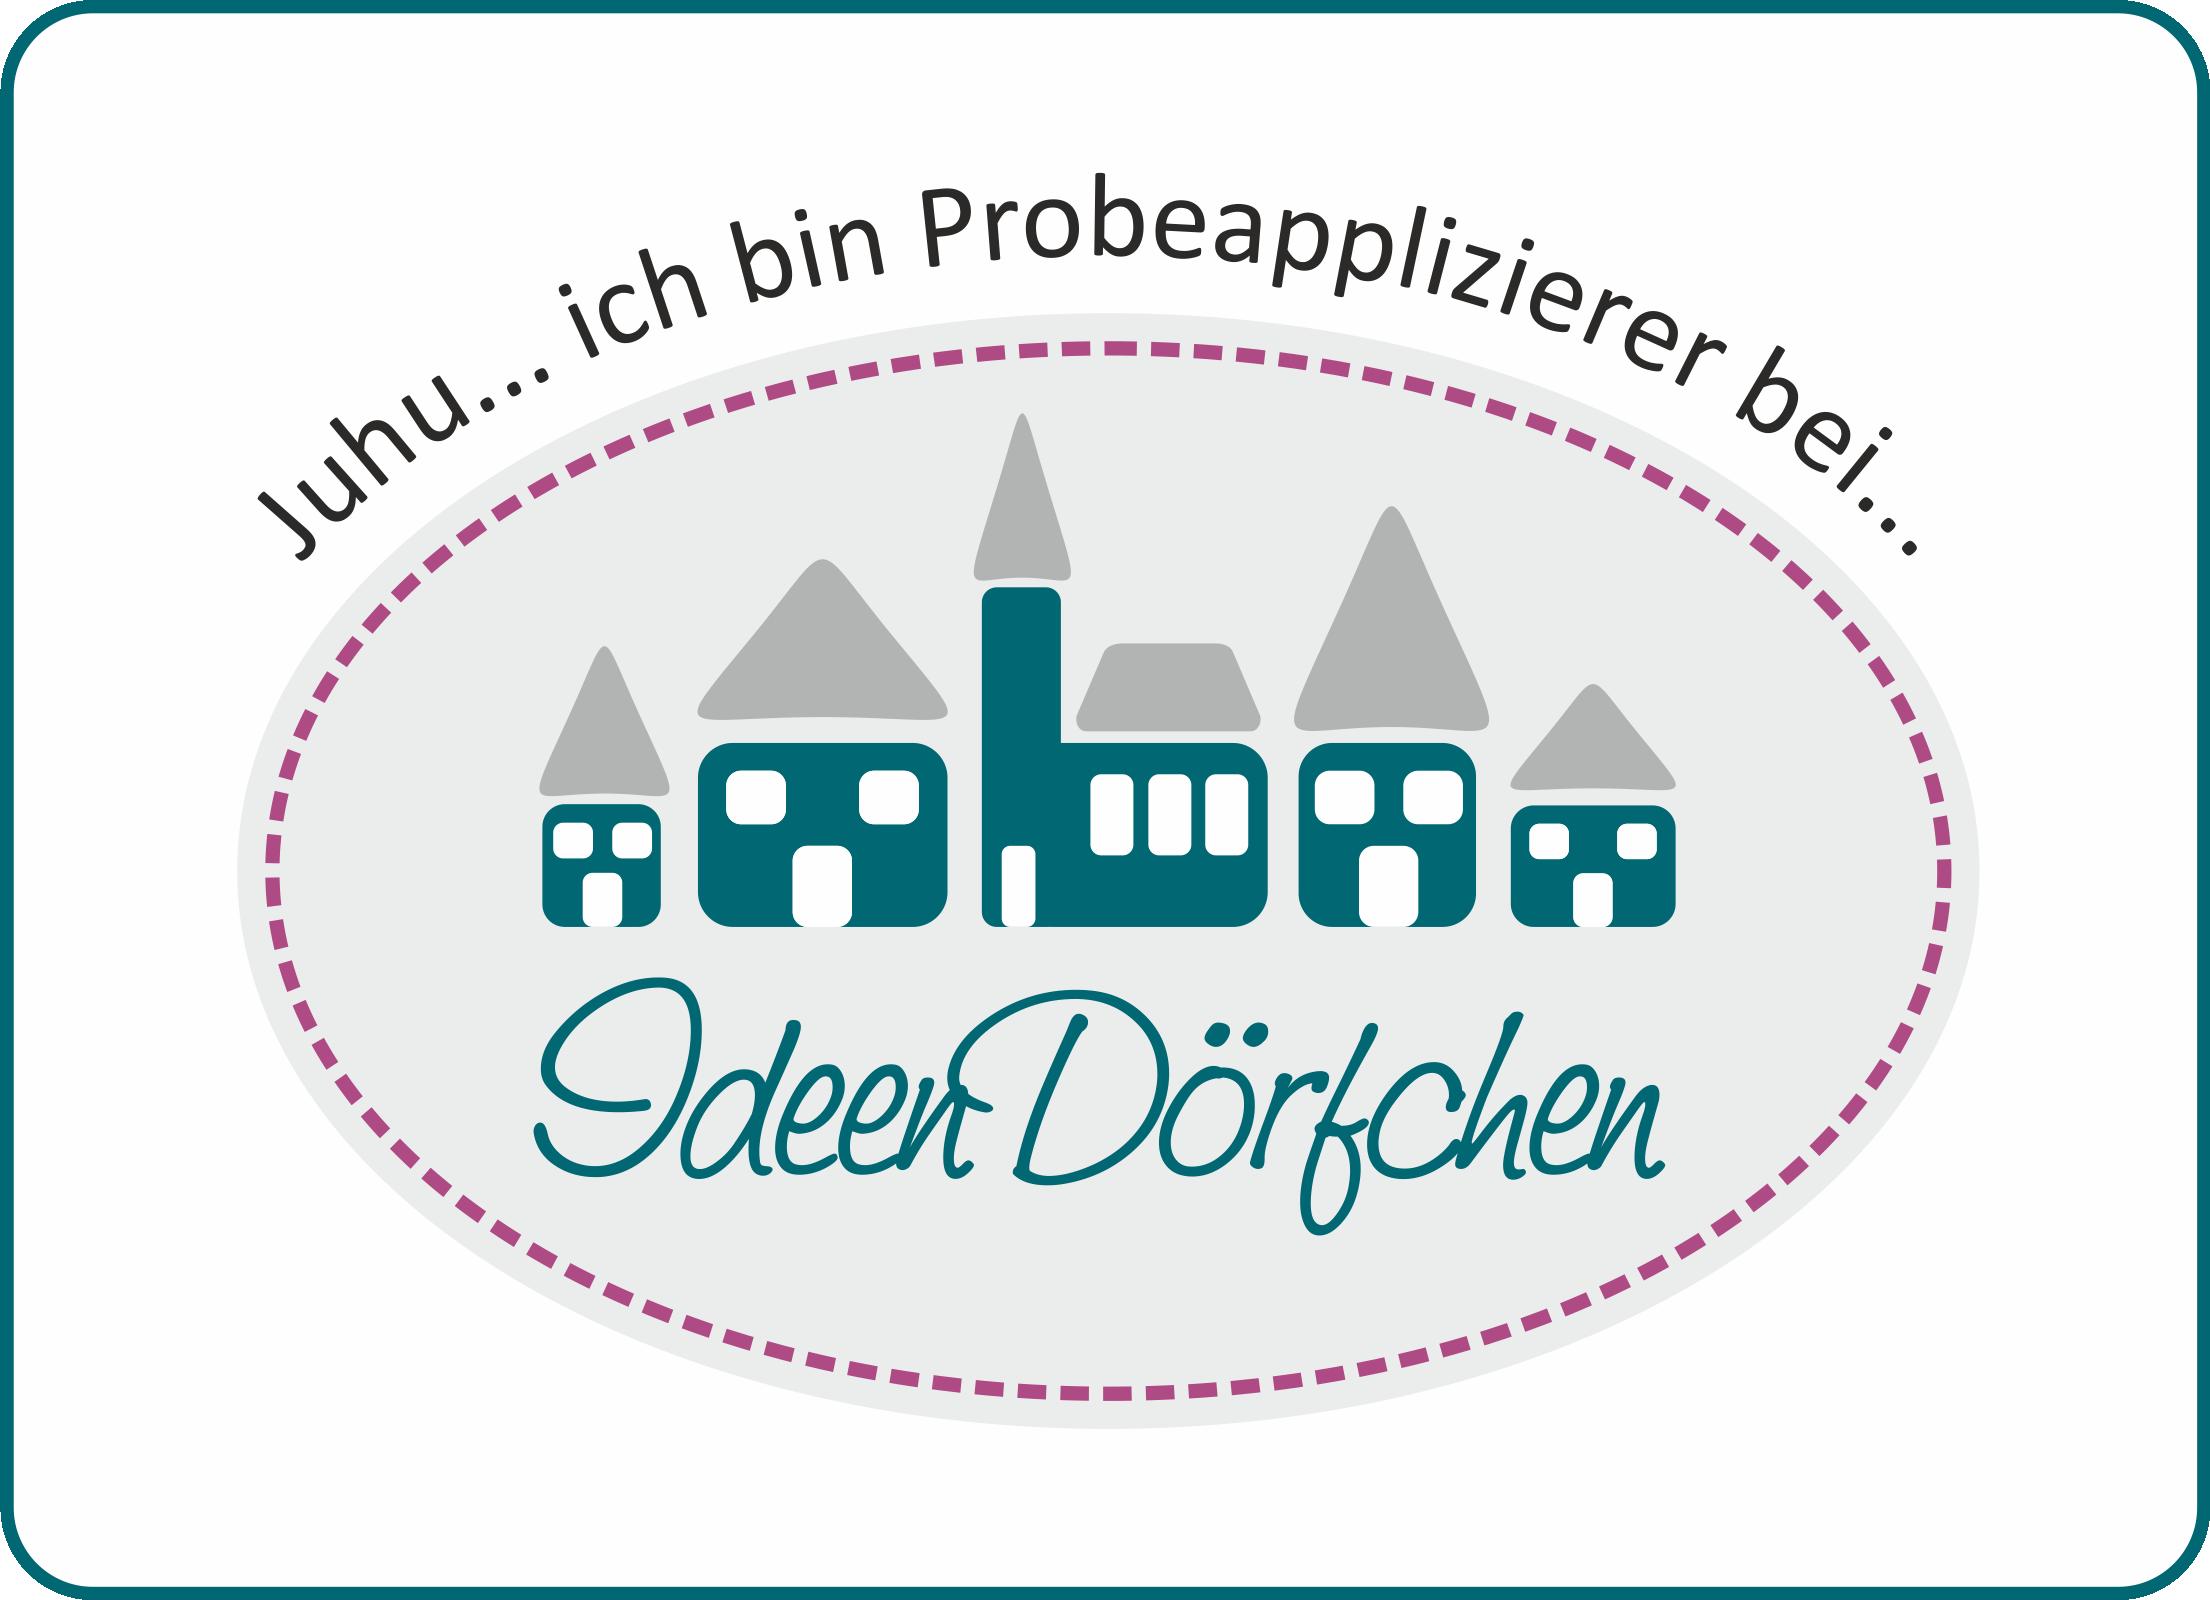 Meilenstein_Probapplizierer